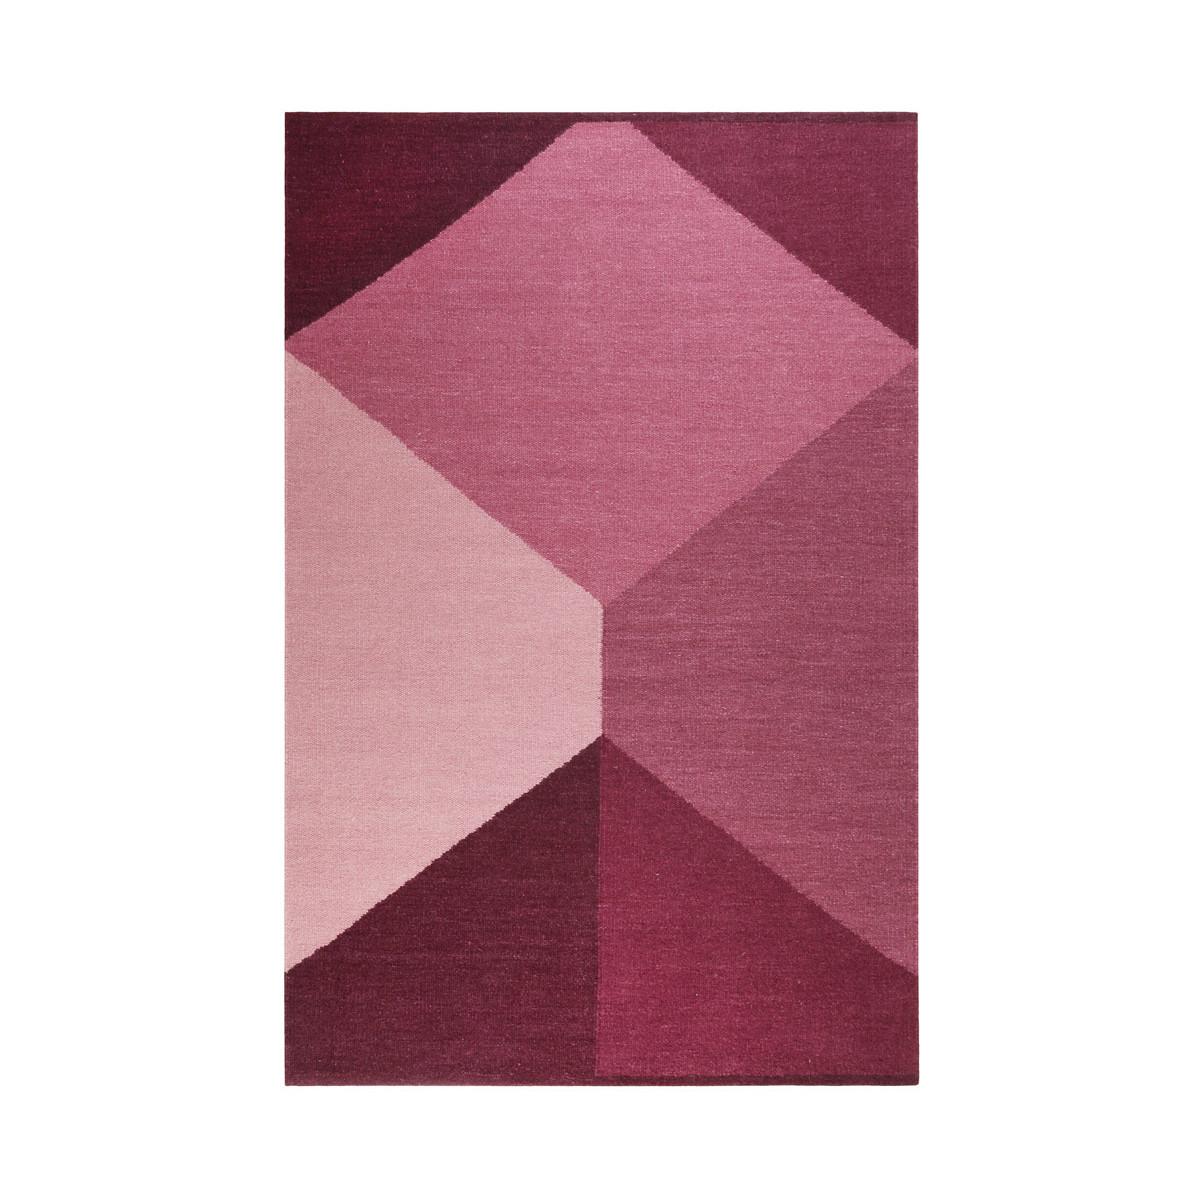 Tapis géométrique scandinave en laine rouge 160x230